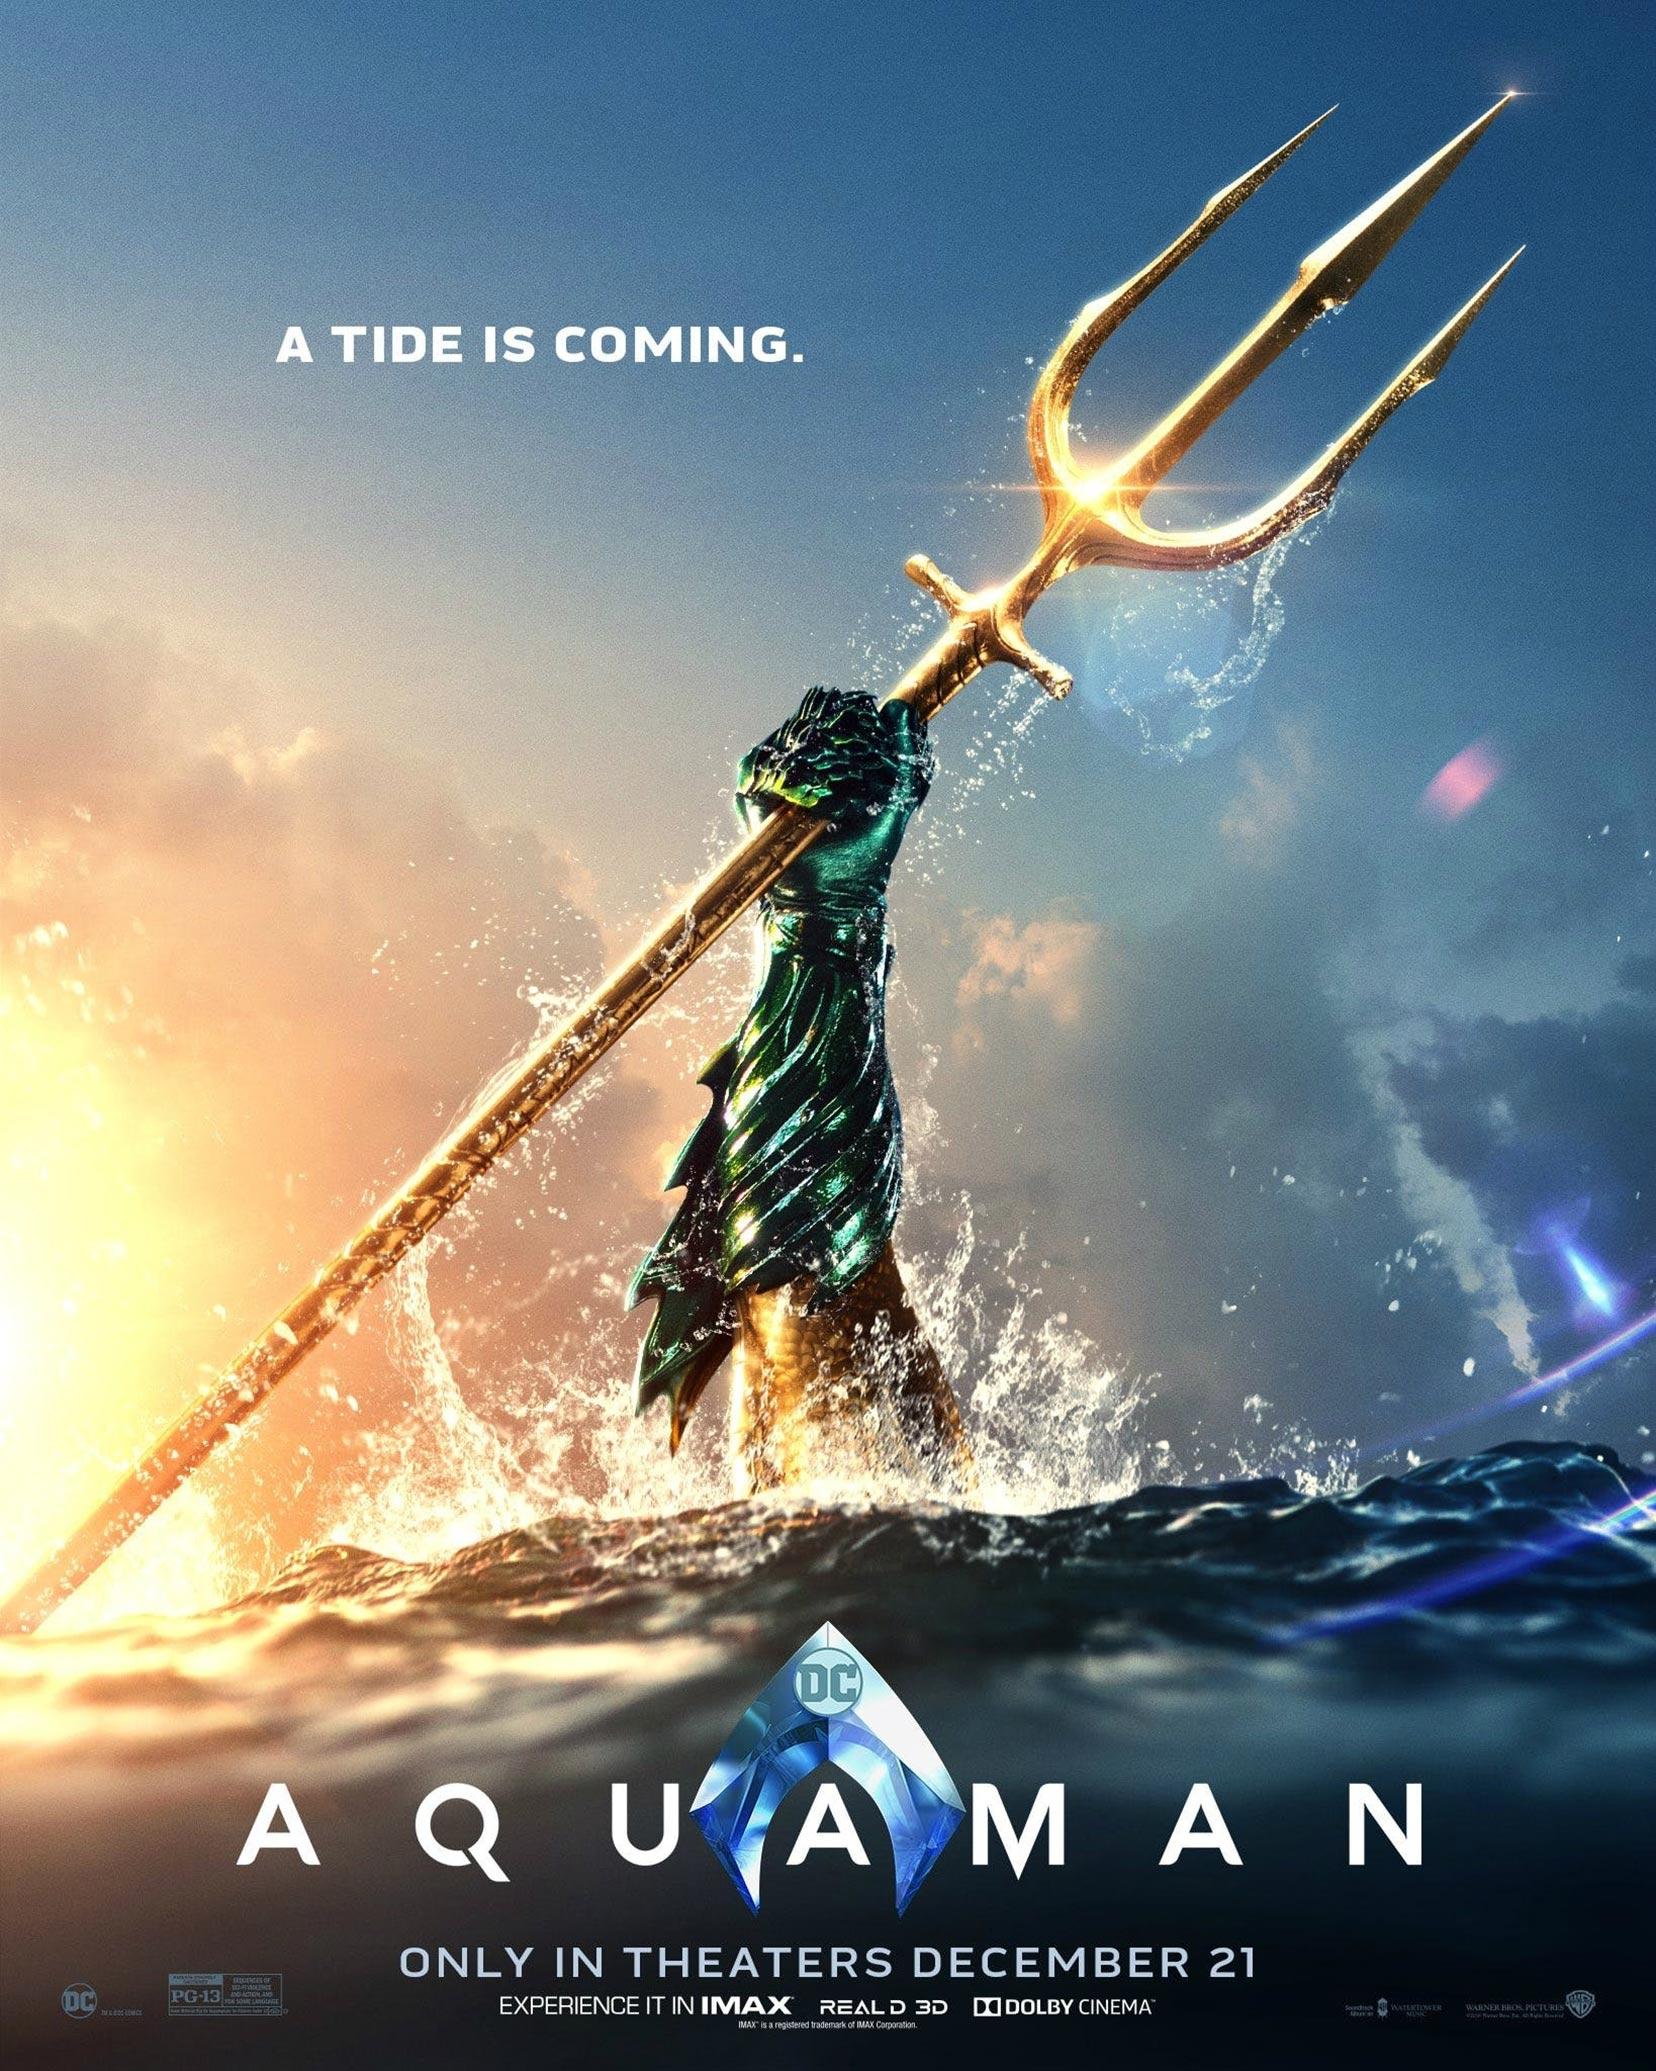 Aquaman Poster #3